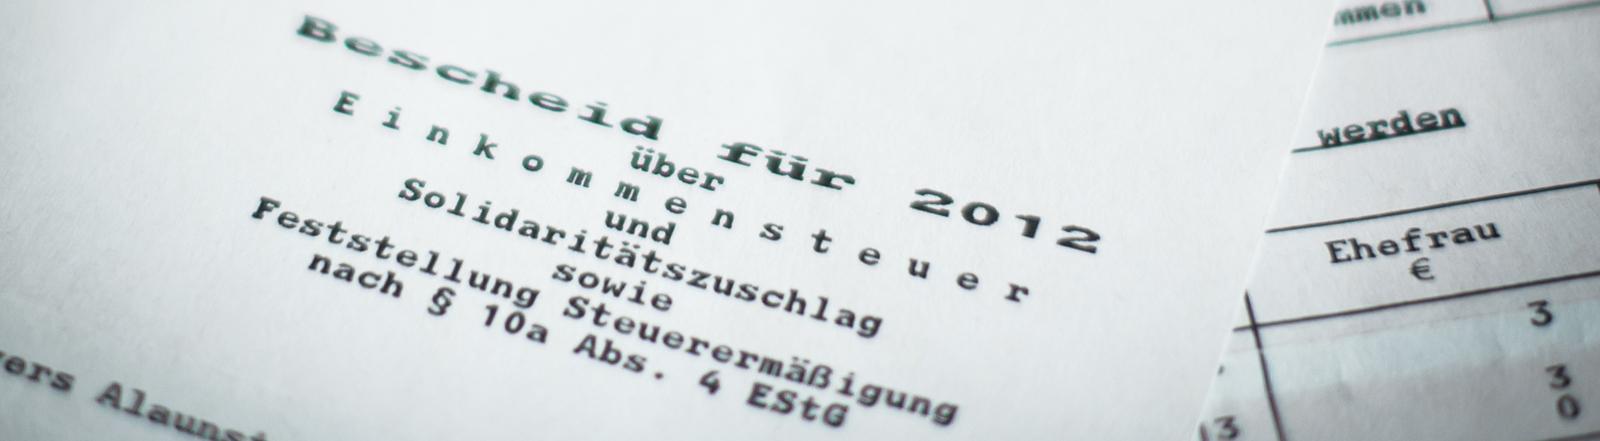 Behördendeutsch: Amtssprache im Steuerbescheid